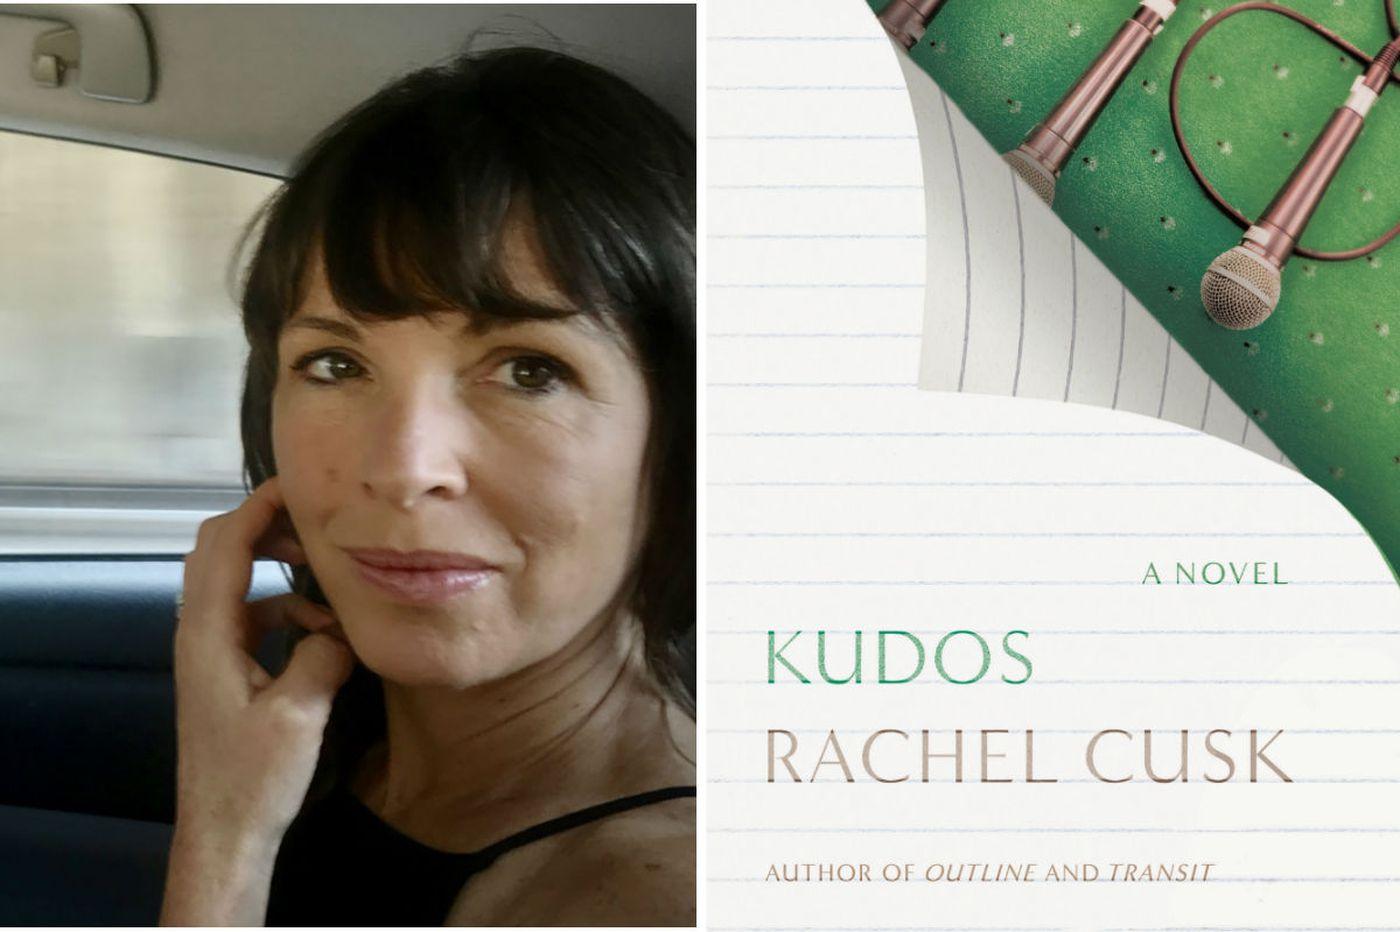 'Kudos' by Rachel Cusk deserves kudos indeed